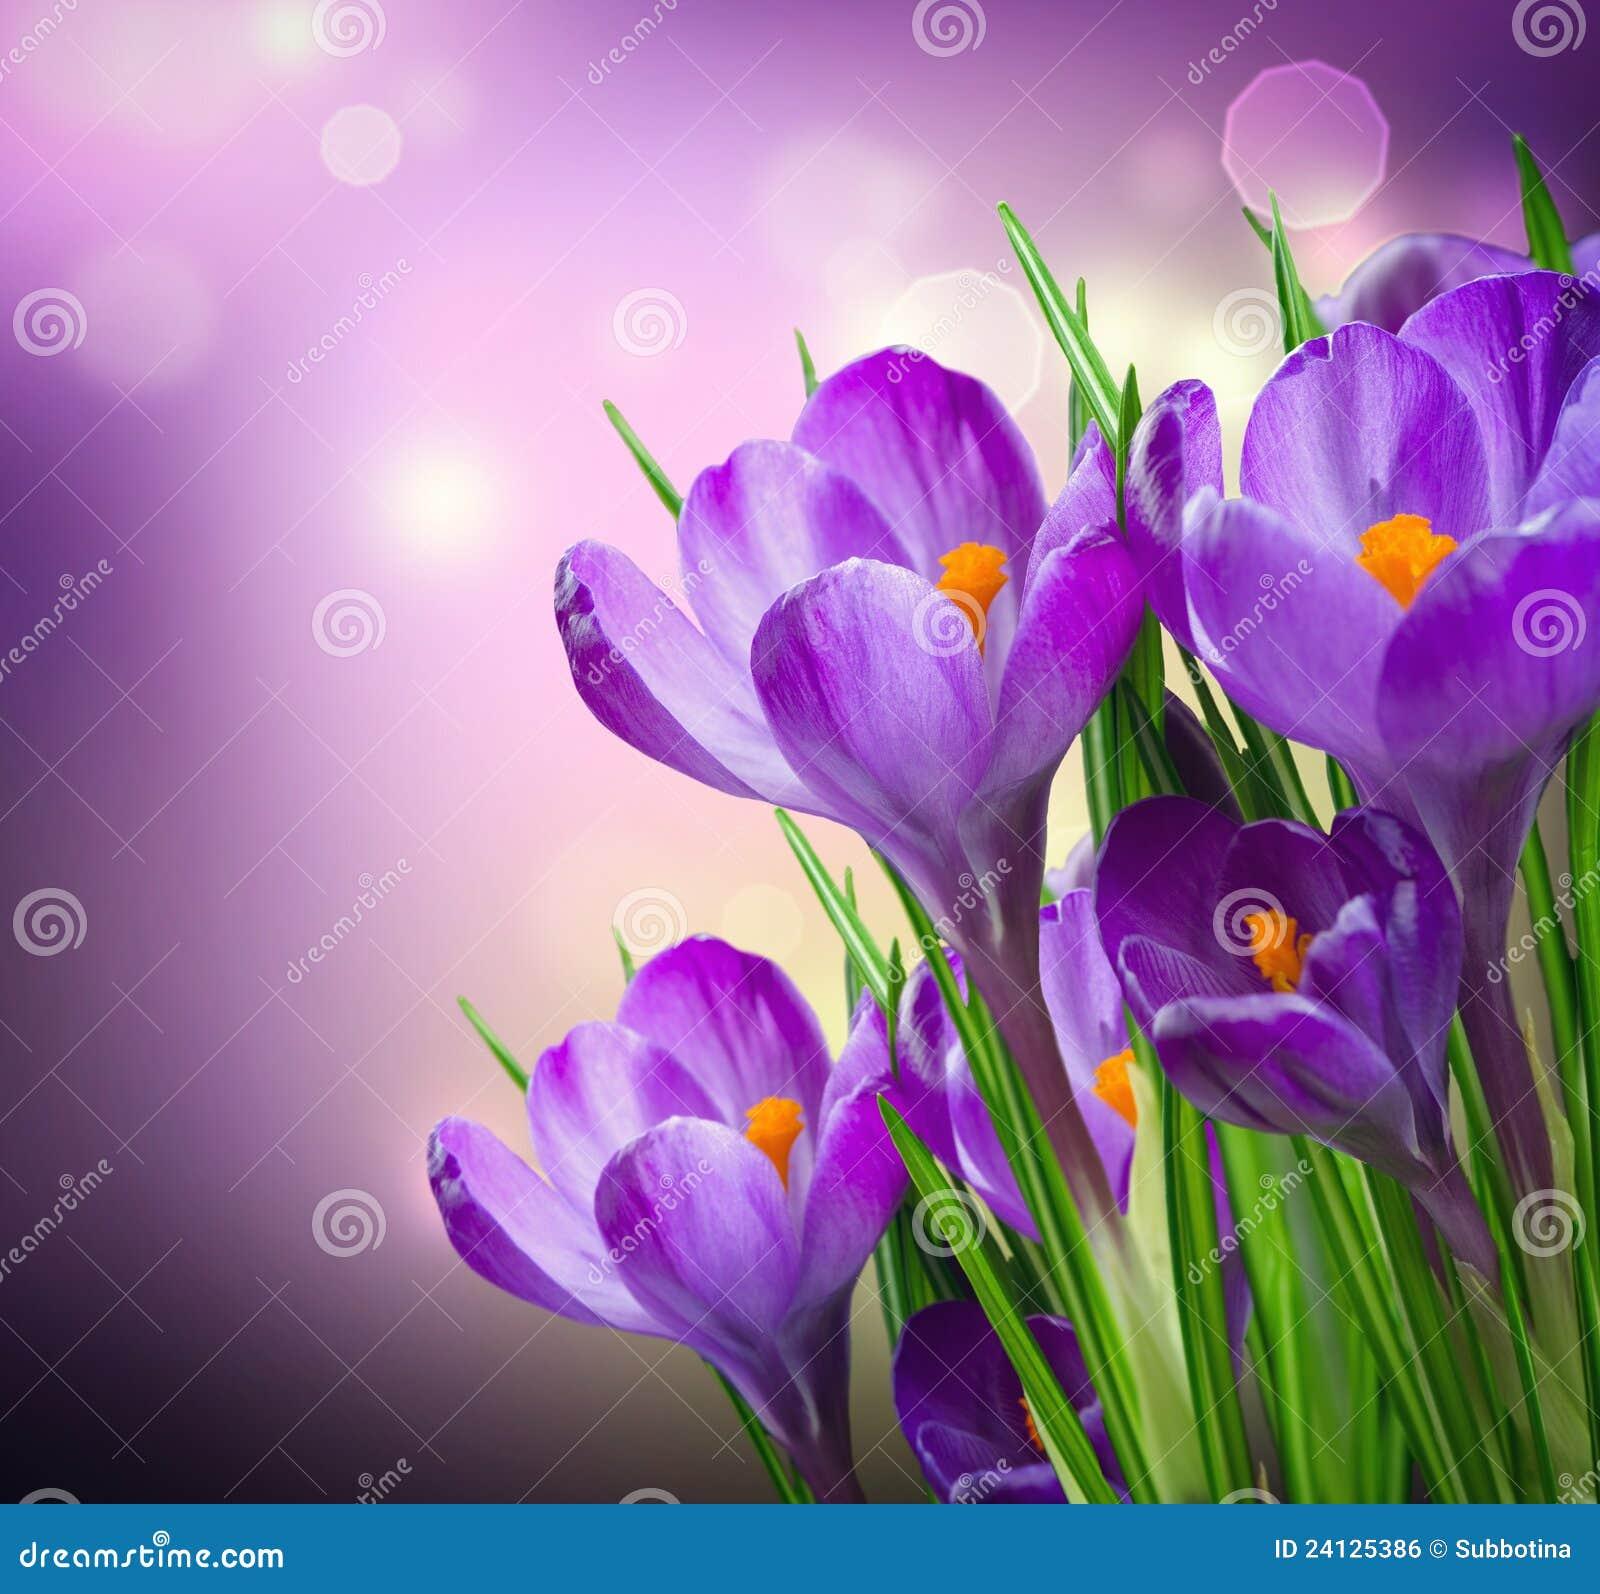 Krokus kwitnie wiosna